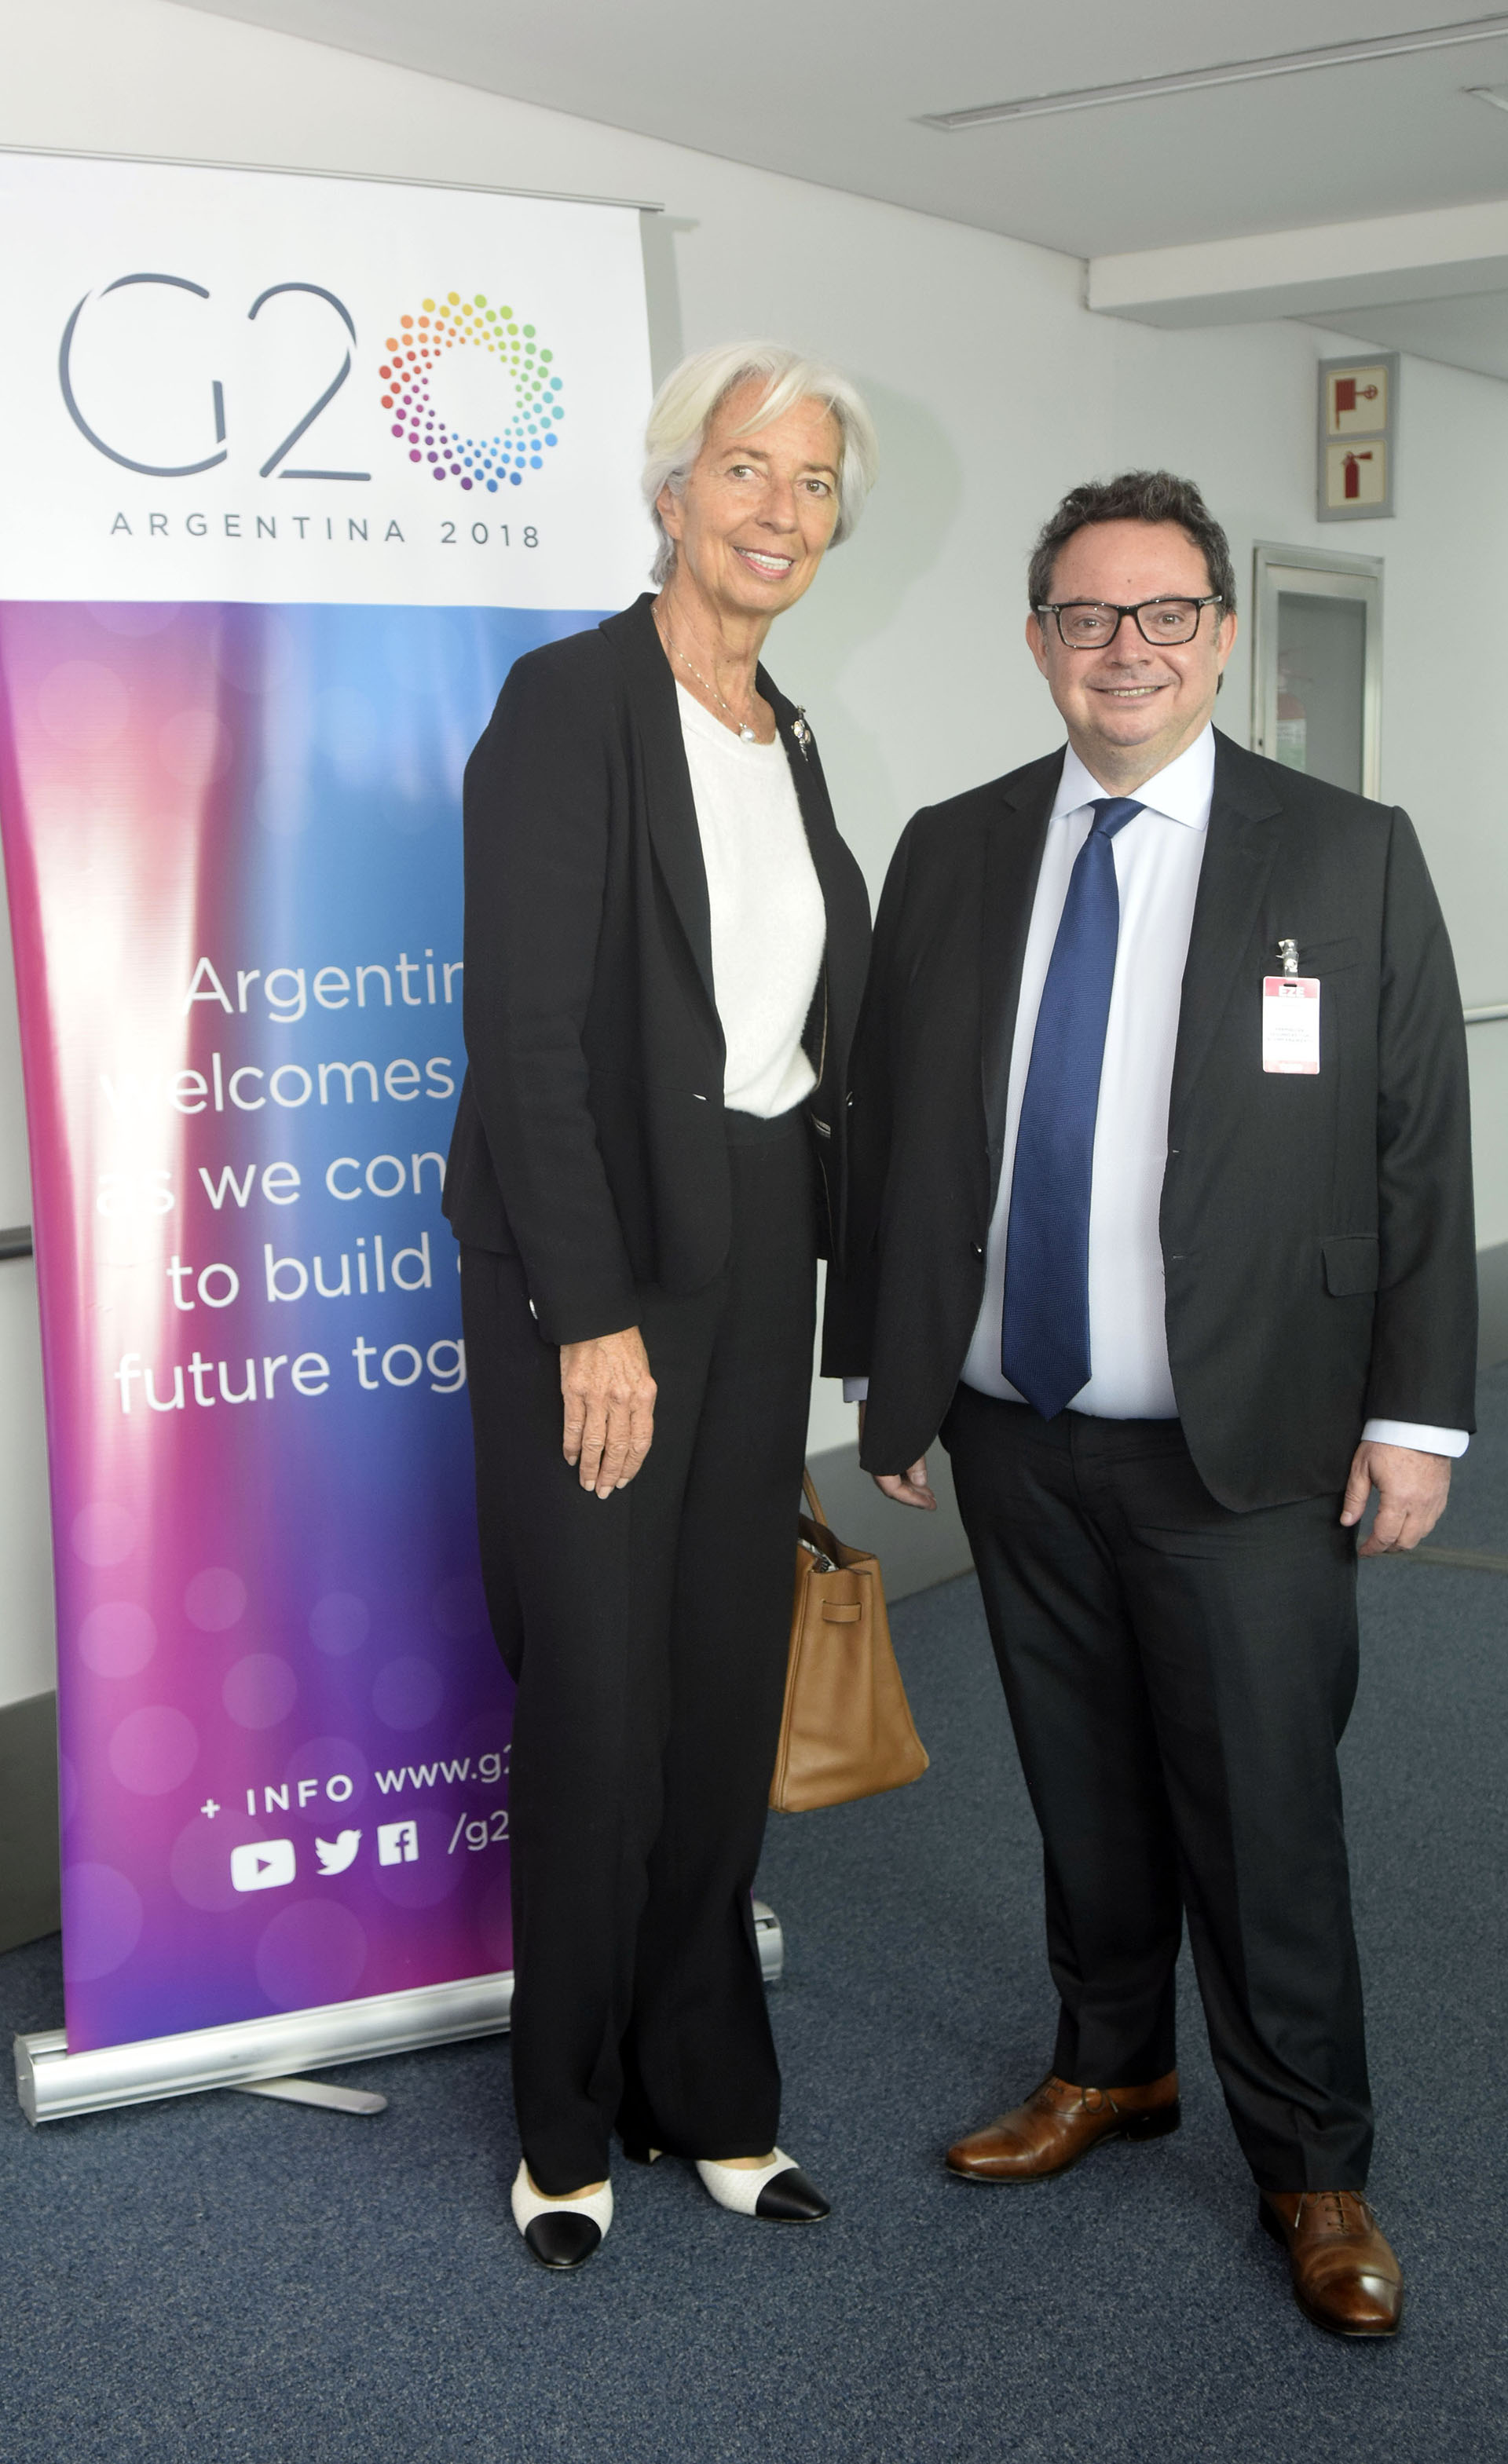 Previo a su aterrizaje, la representante del FMI se encargó de poner una fecha a la recuperación de la Argentina